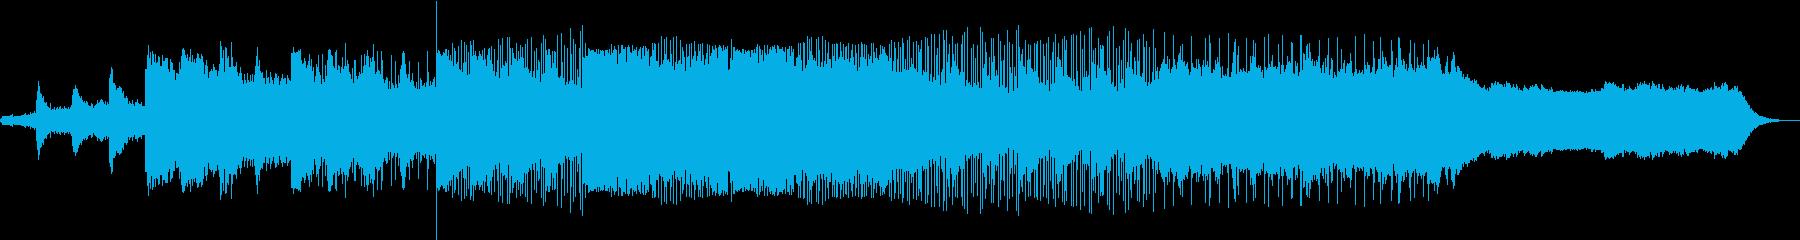 和をイメージした曲の再生済みの波形